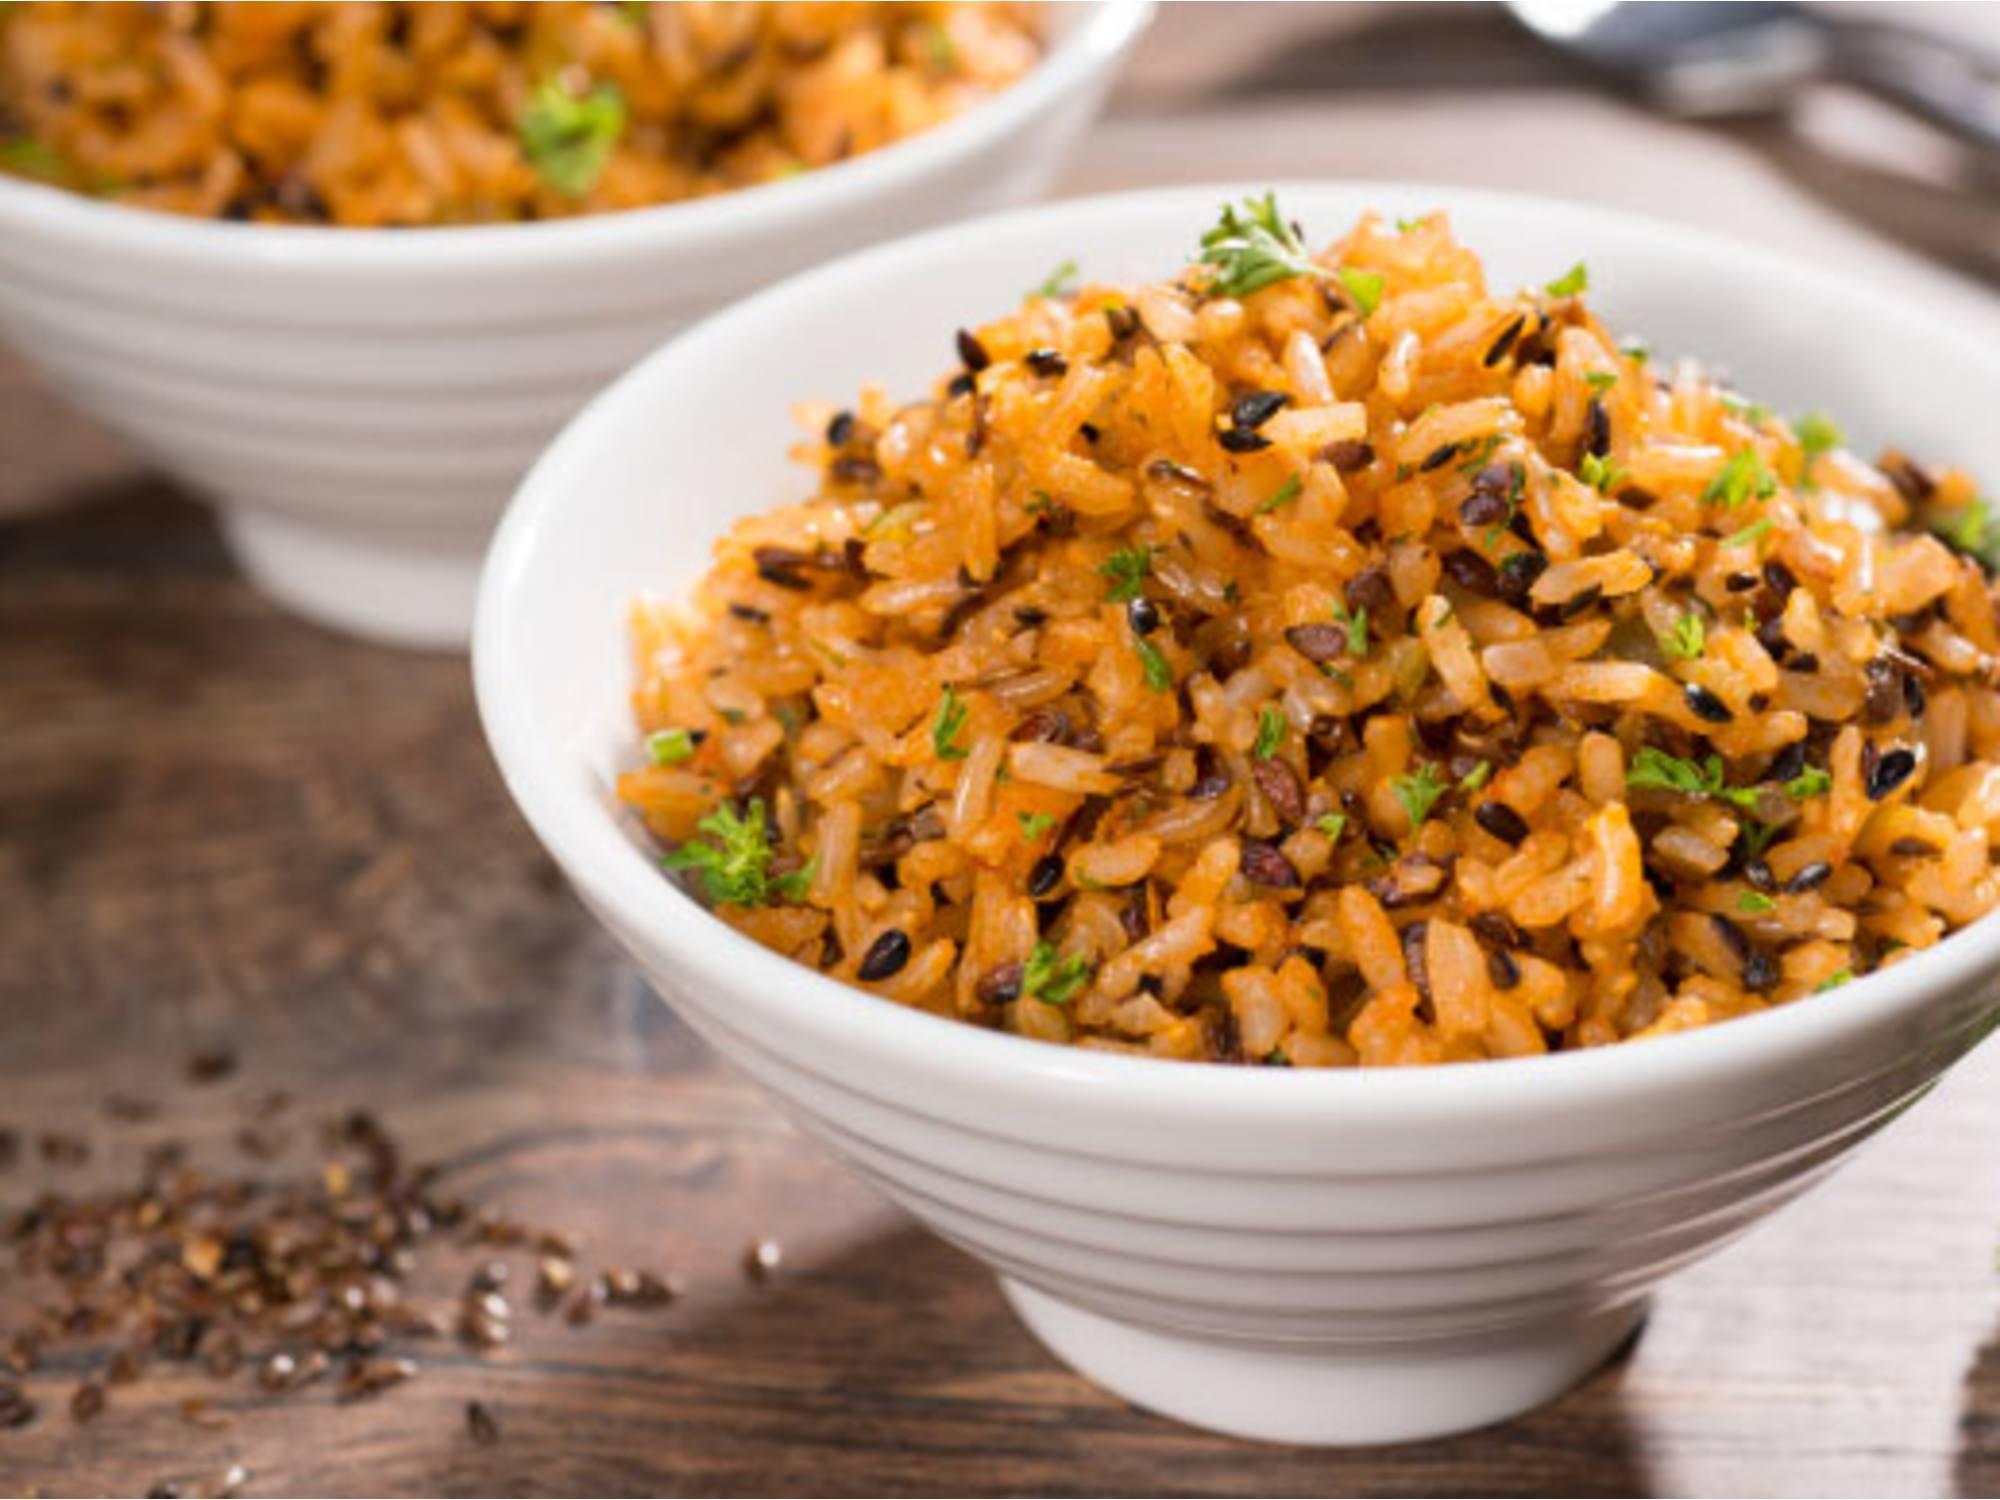 Receta arroz integral con pimenton y linaza y guiso casero Fruco®